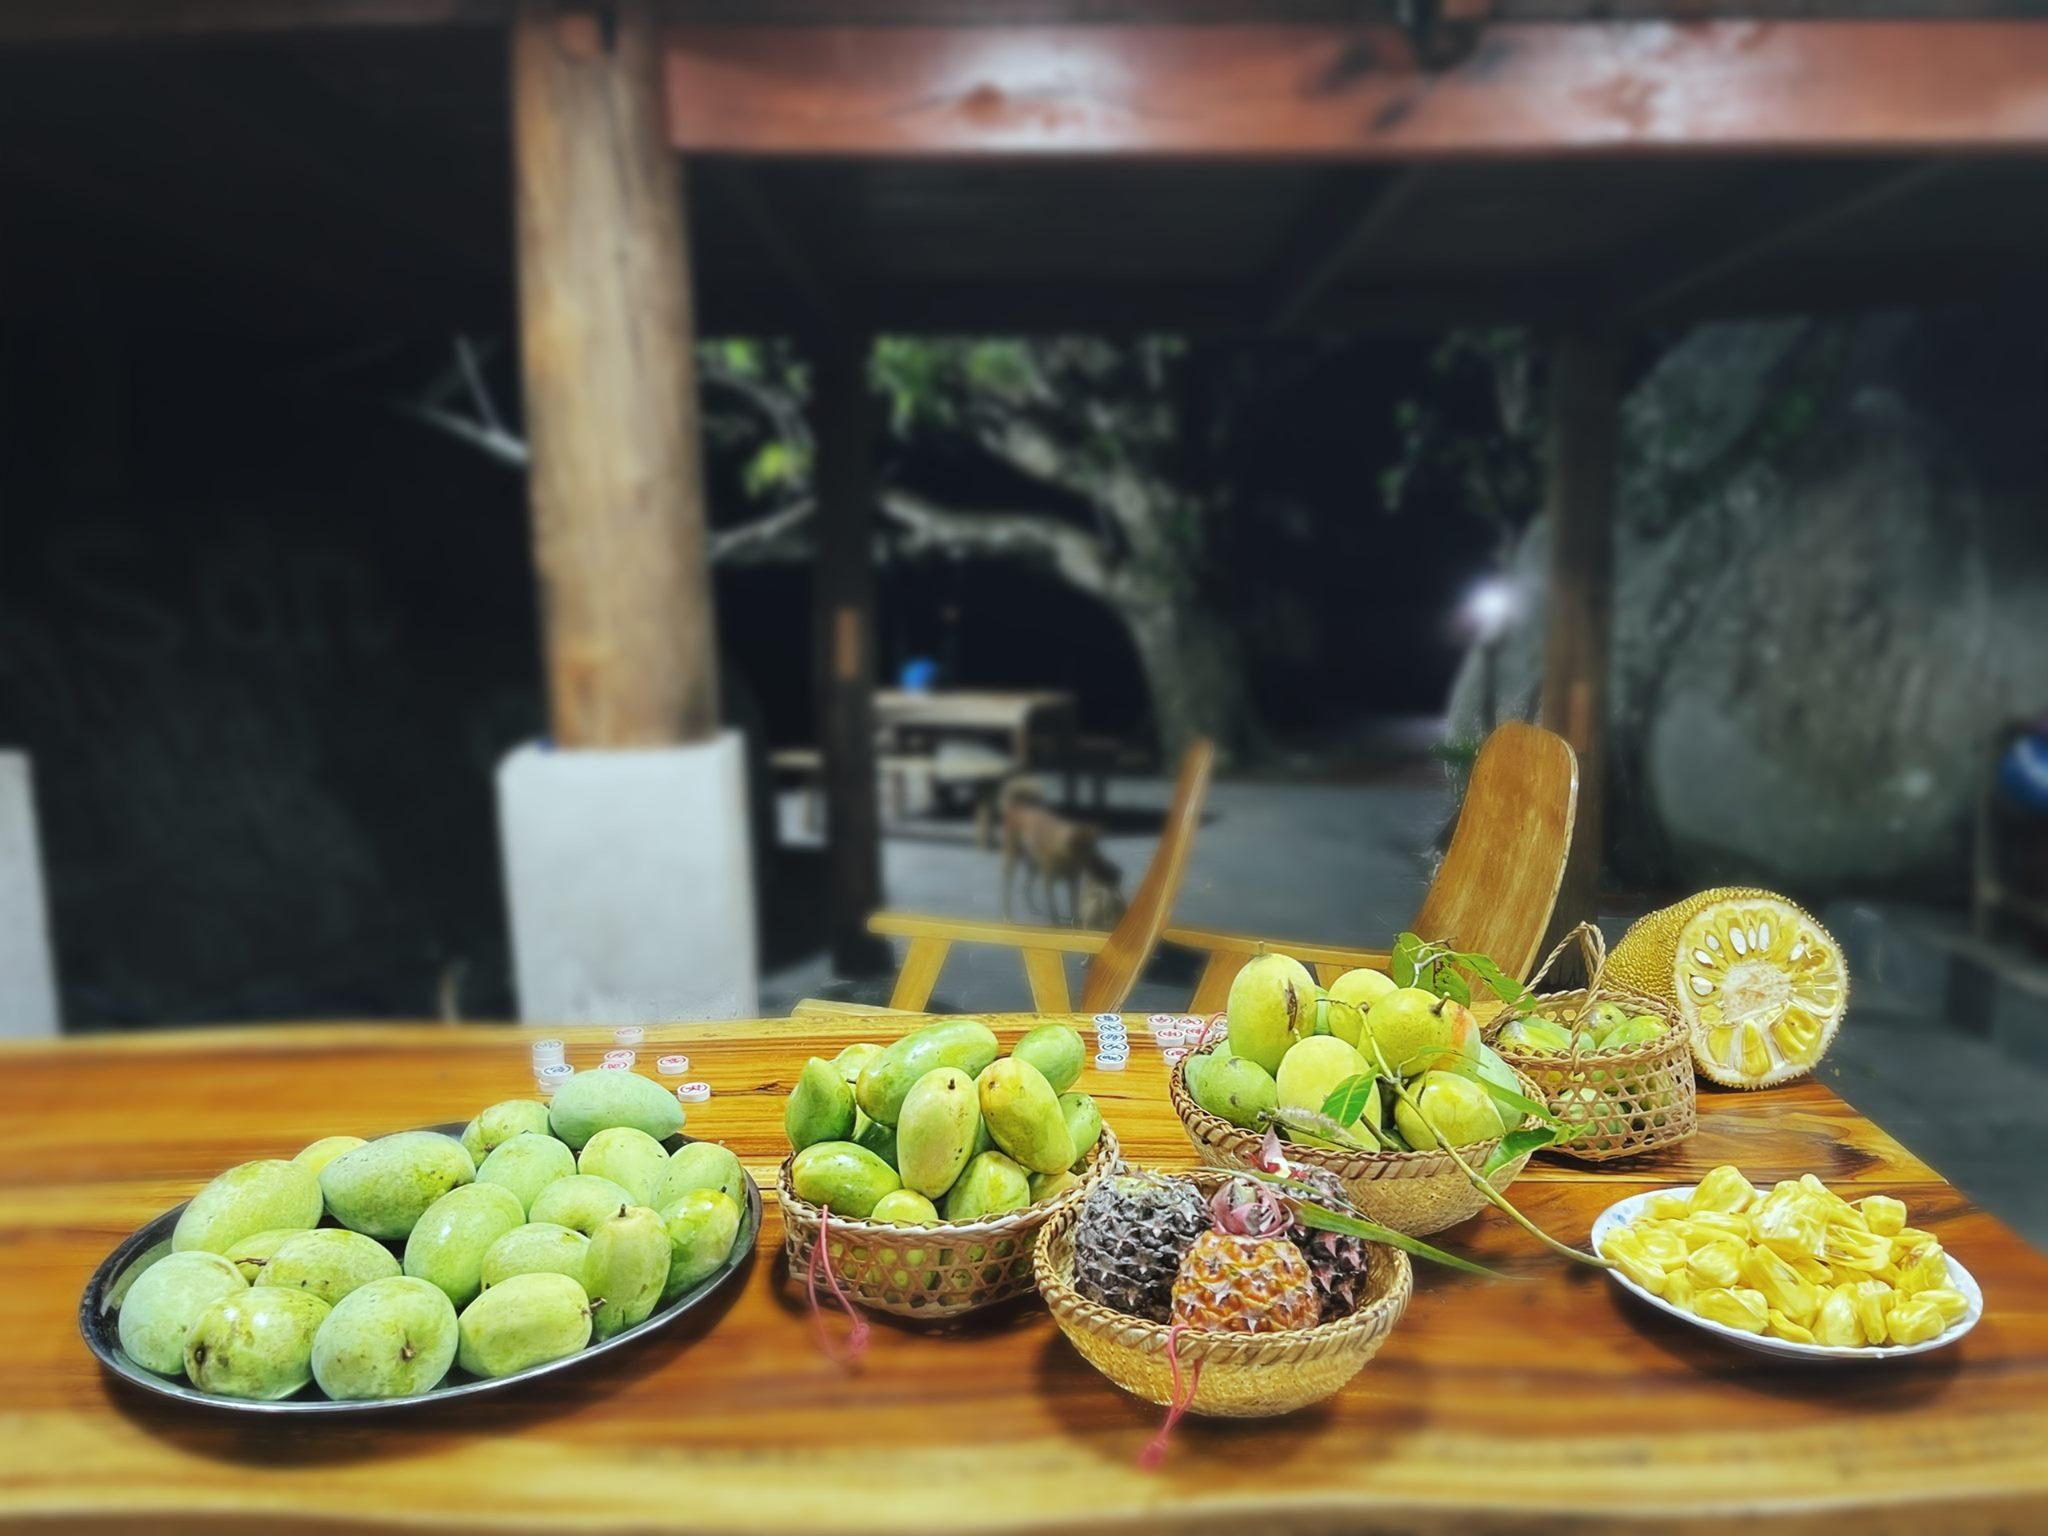 mango-house-hon-son-ivivu-19